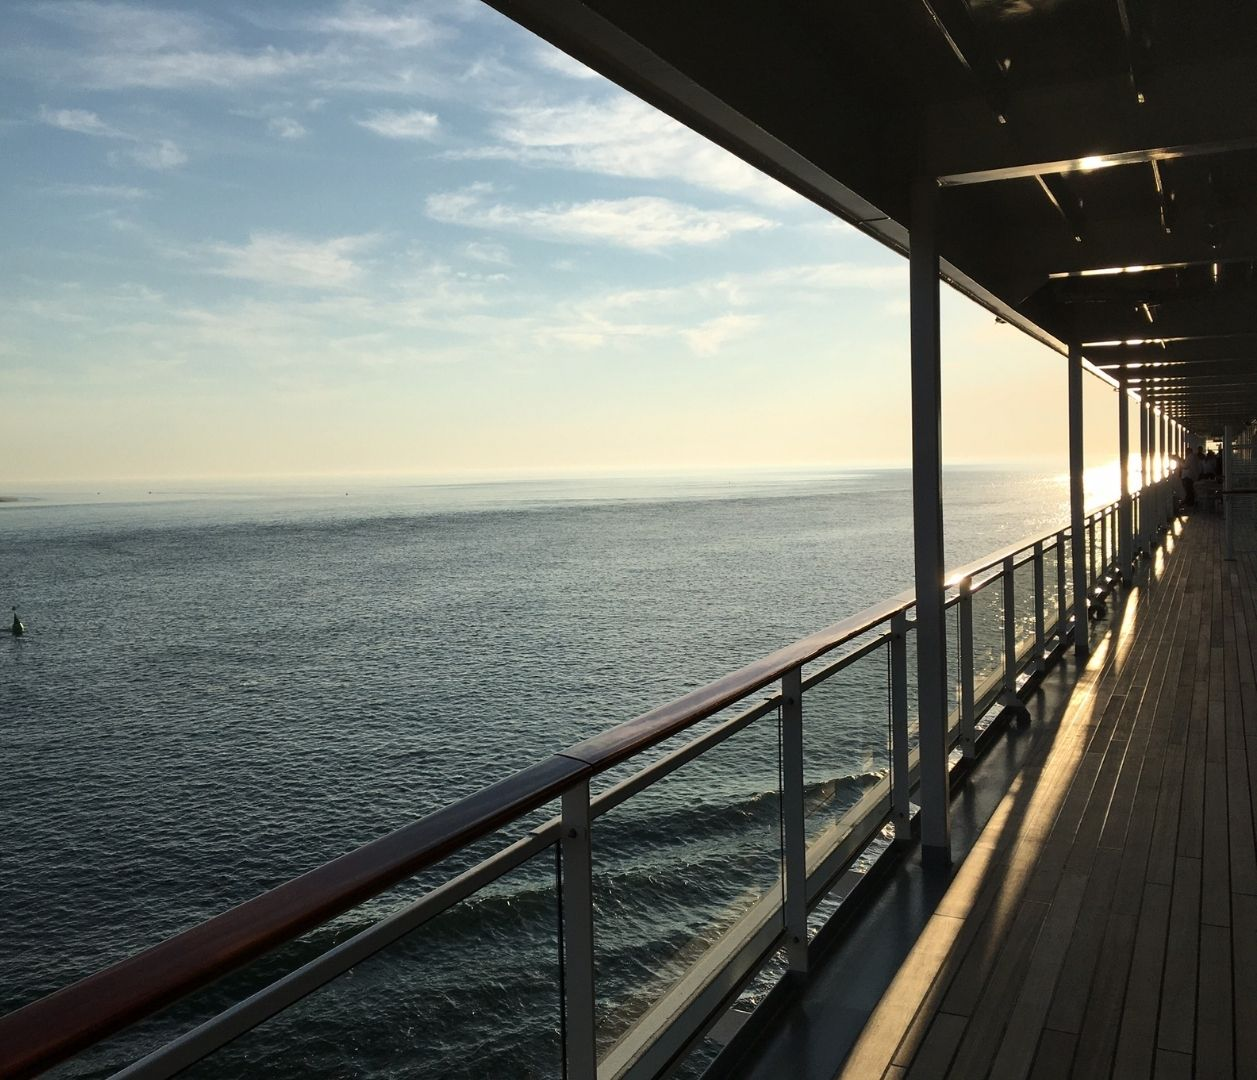 Aussicht auf das Meer von der MS EUROPA 2